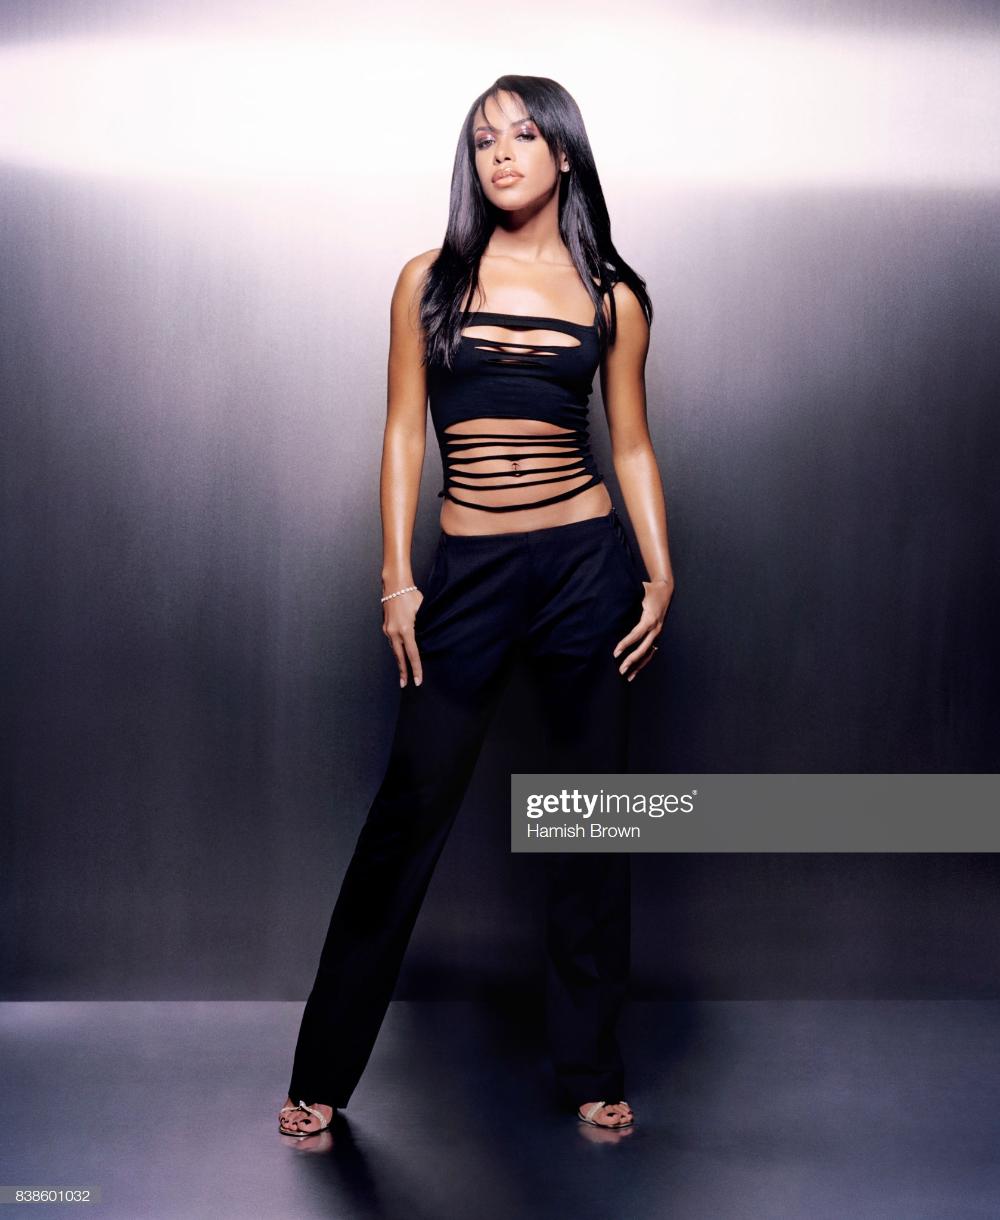 Fotografia de notícias : Singer Aaliyah is photographed on May 23, 2001 in... #aaliyahfashion